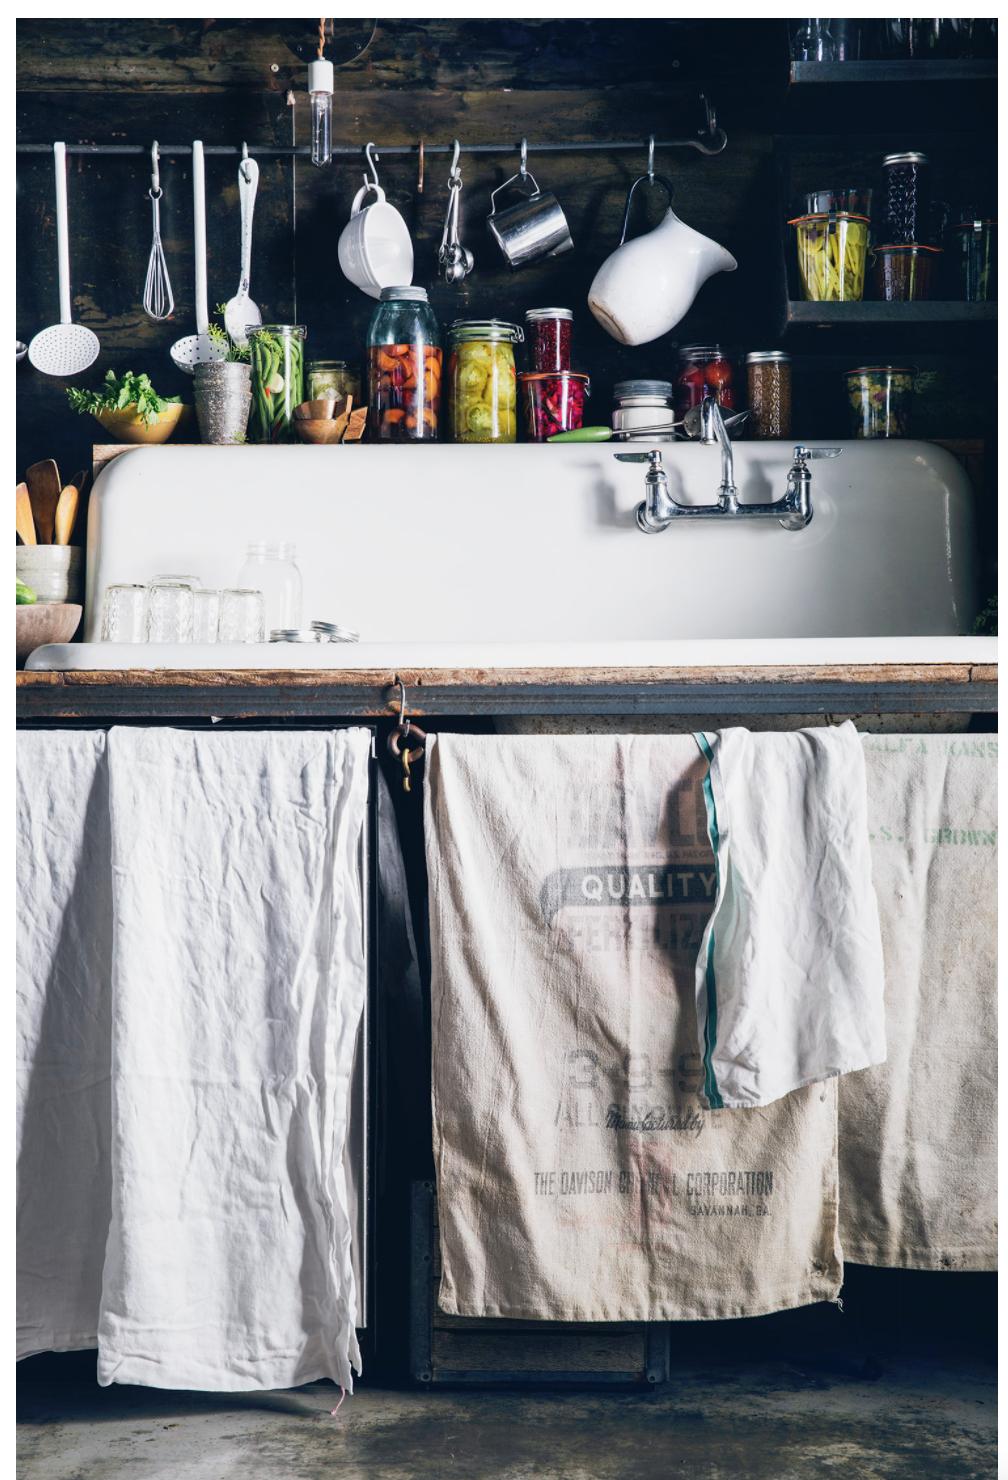 Kitchen Interior Inspiration, Kitchen Pantries, Kitchens, Summer Kitchen,  Kitchen Styling, Food Photography, Porn, Editorial, Bon Appétit